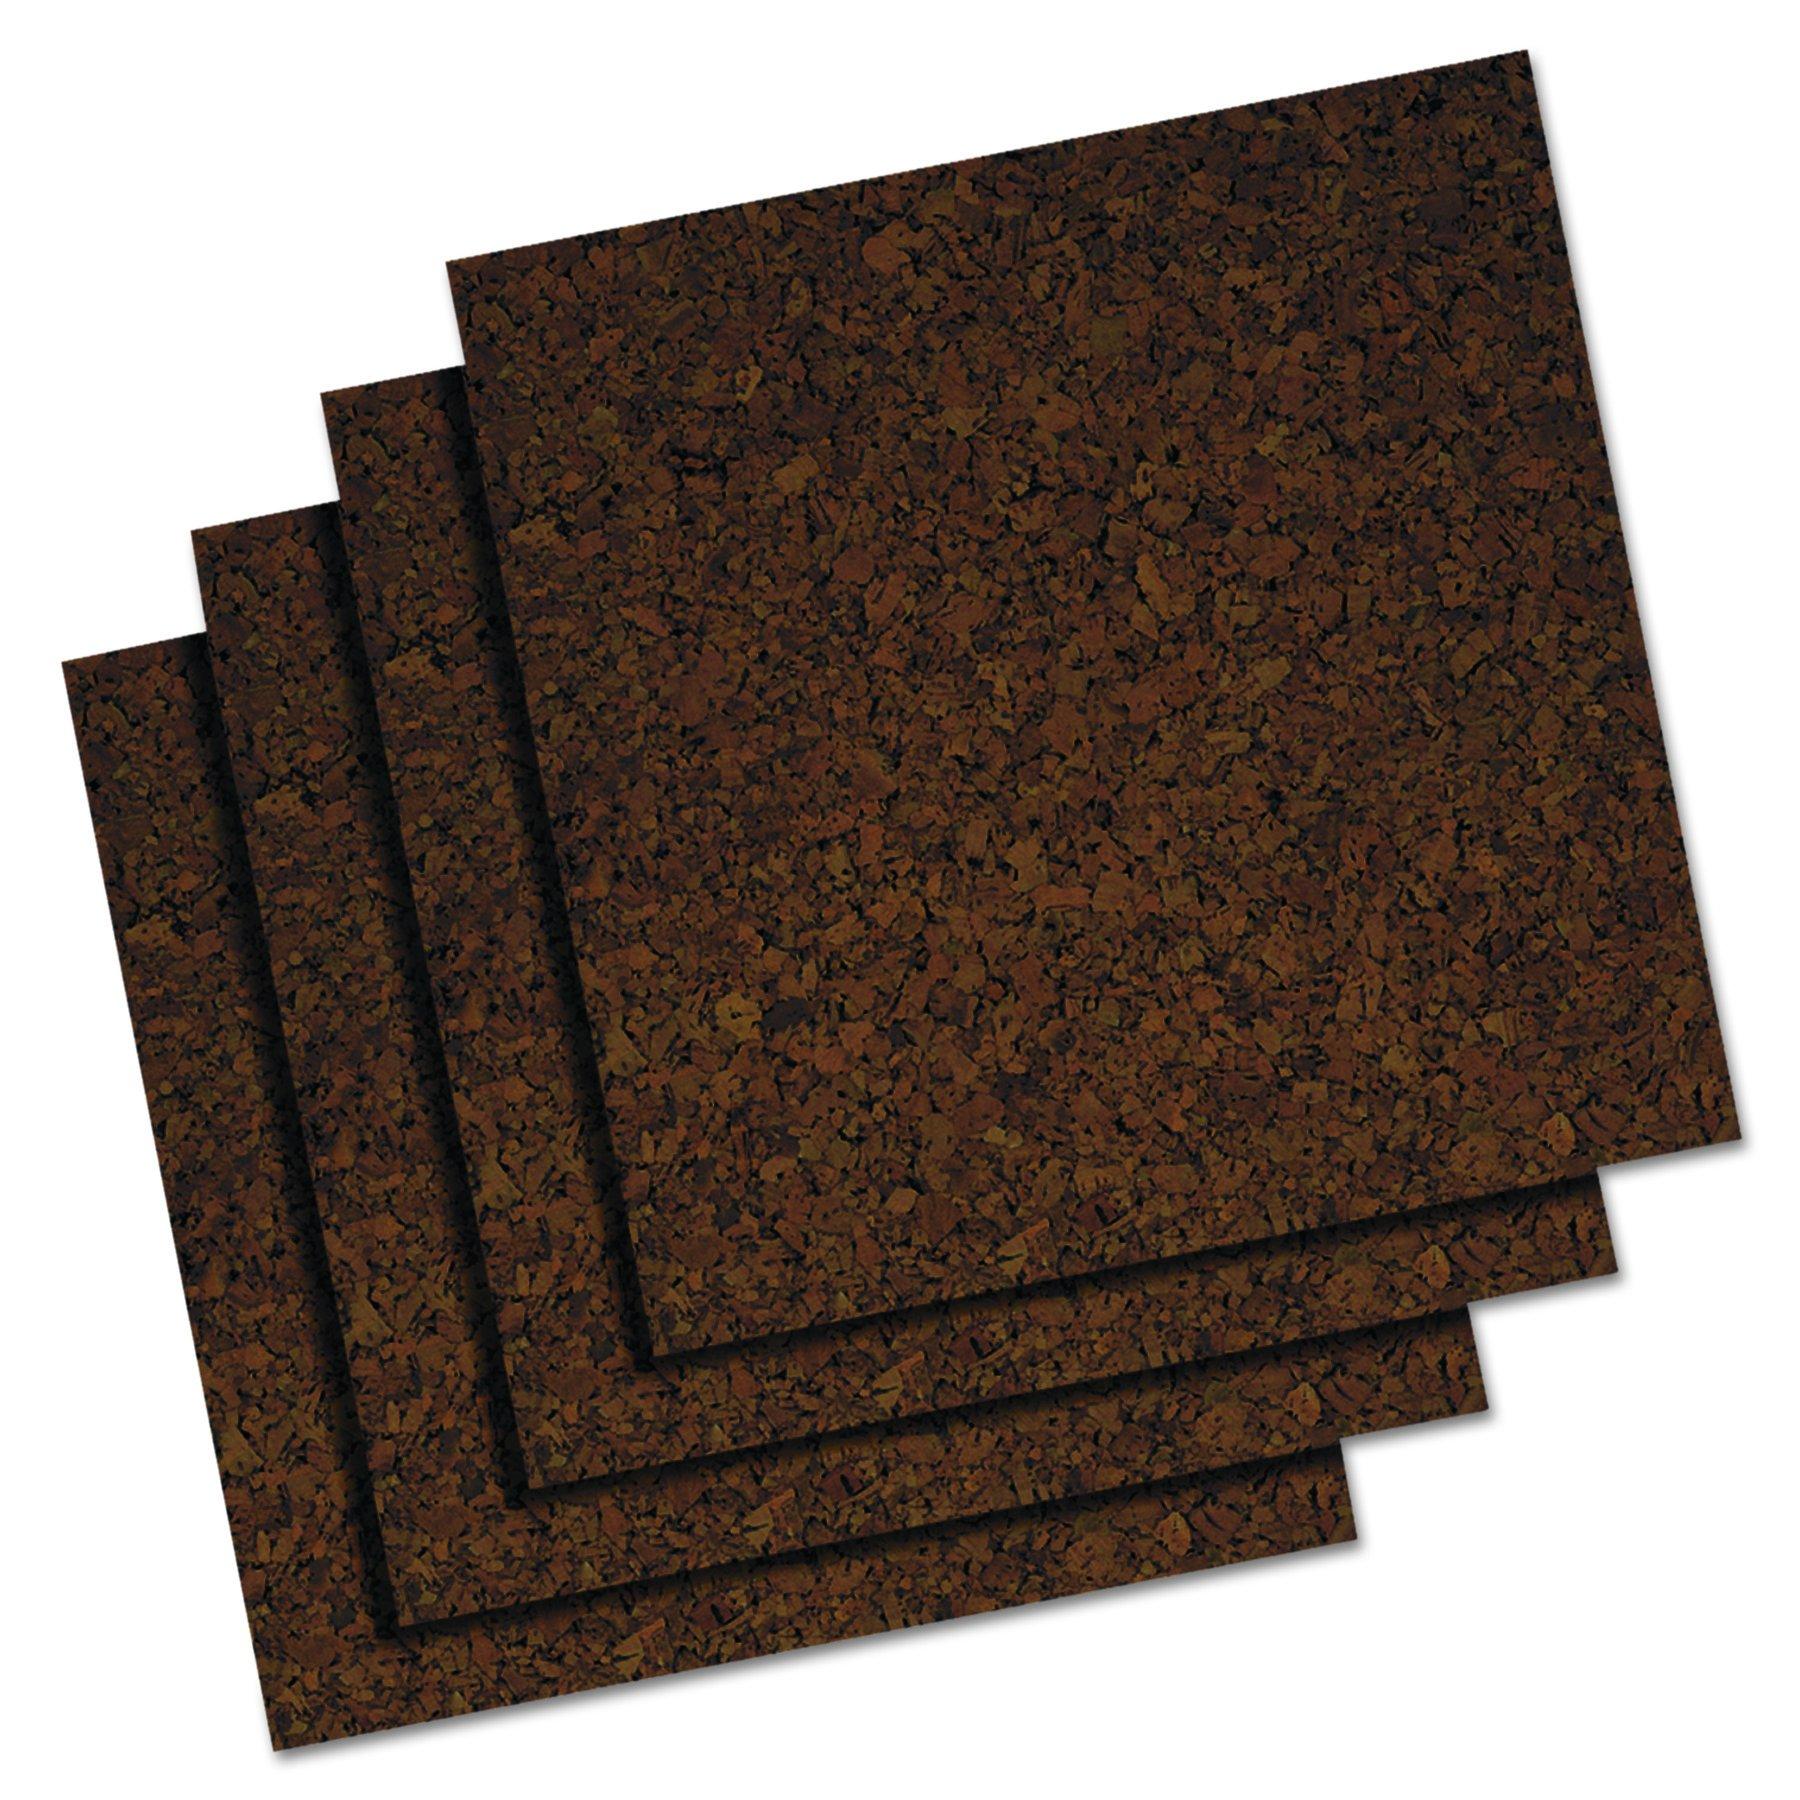 Quartet Cork Tiles, 12'' x 12'', Corkboard, Mini Wall Bulletin Boards, Dark, 4 Pack (101) by Quartet